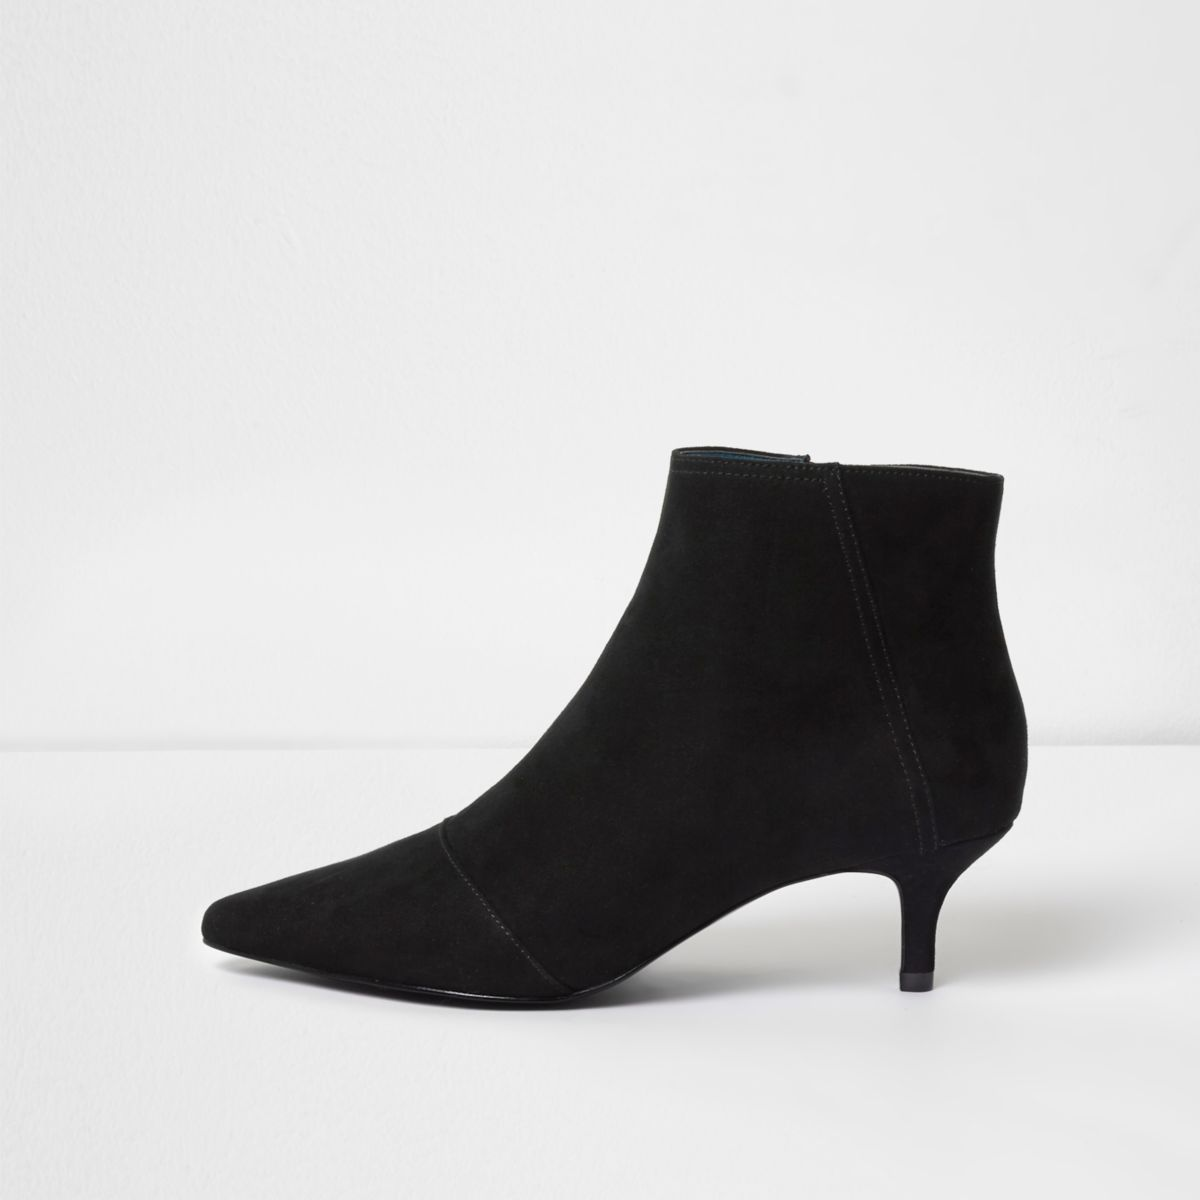 Zwarte laarzen met puntige neus en klein hakje